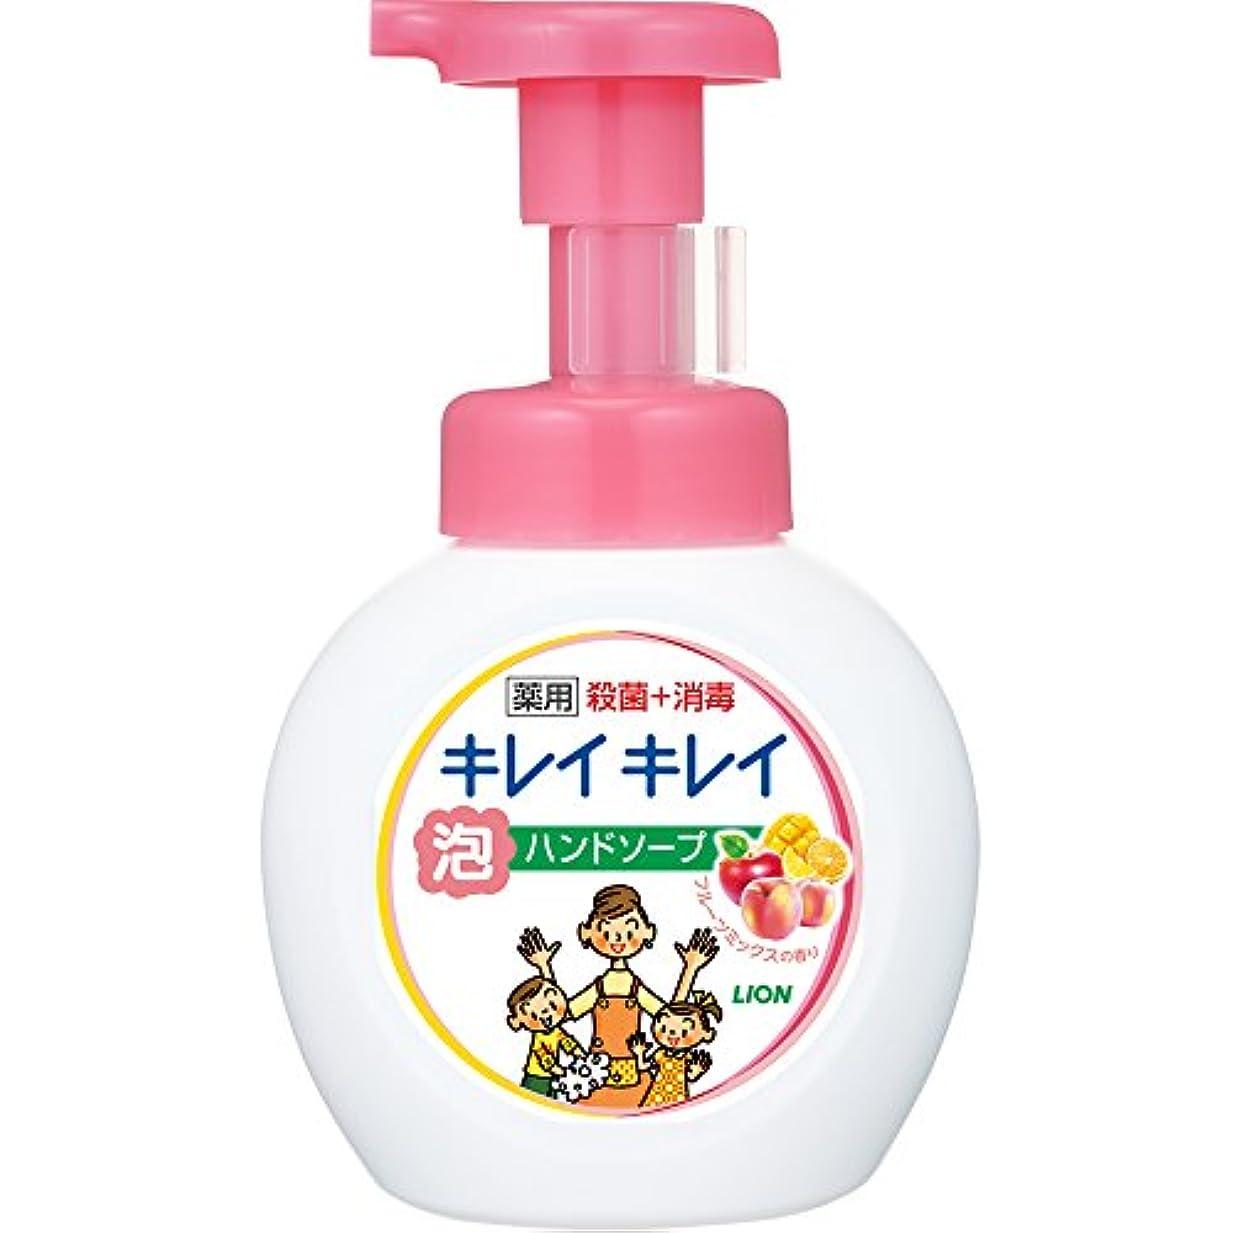 パンチ許容できる自己キレイキレイ 薬用 泡ハンドソープ フルーツミックスの香り ポンプ 250ml(医薬部外品)